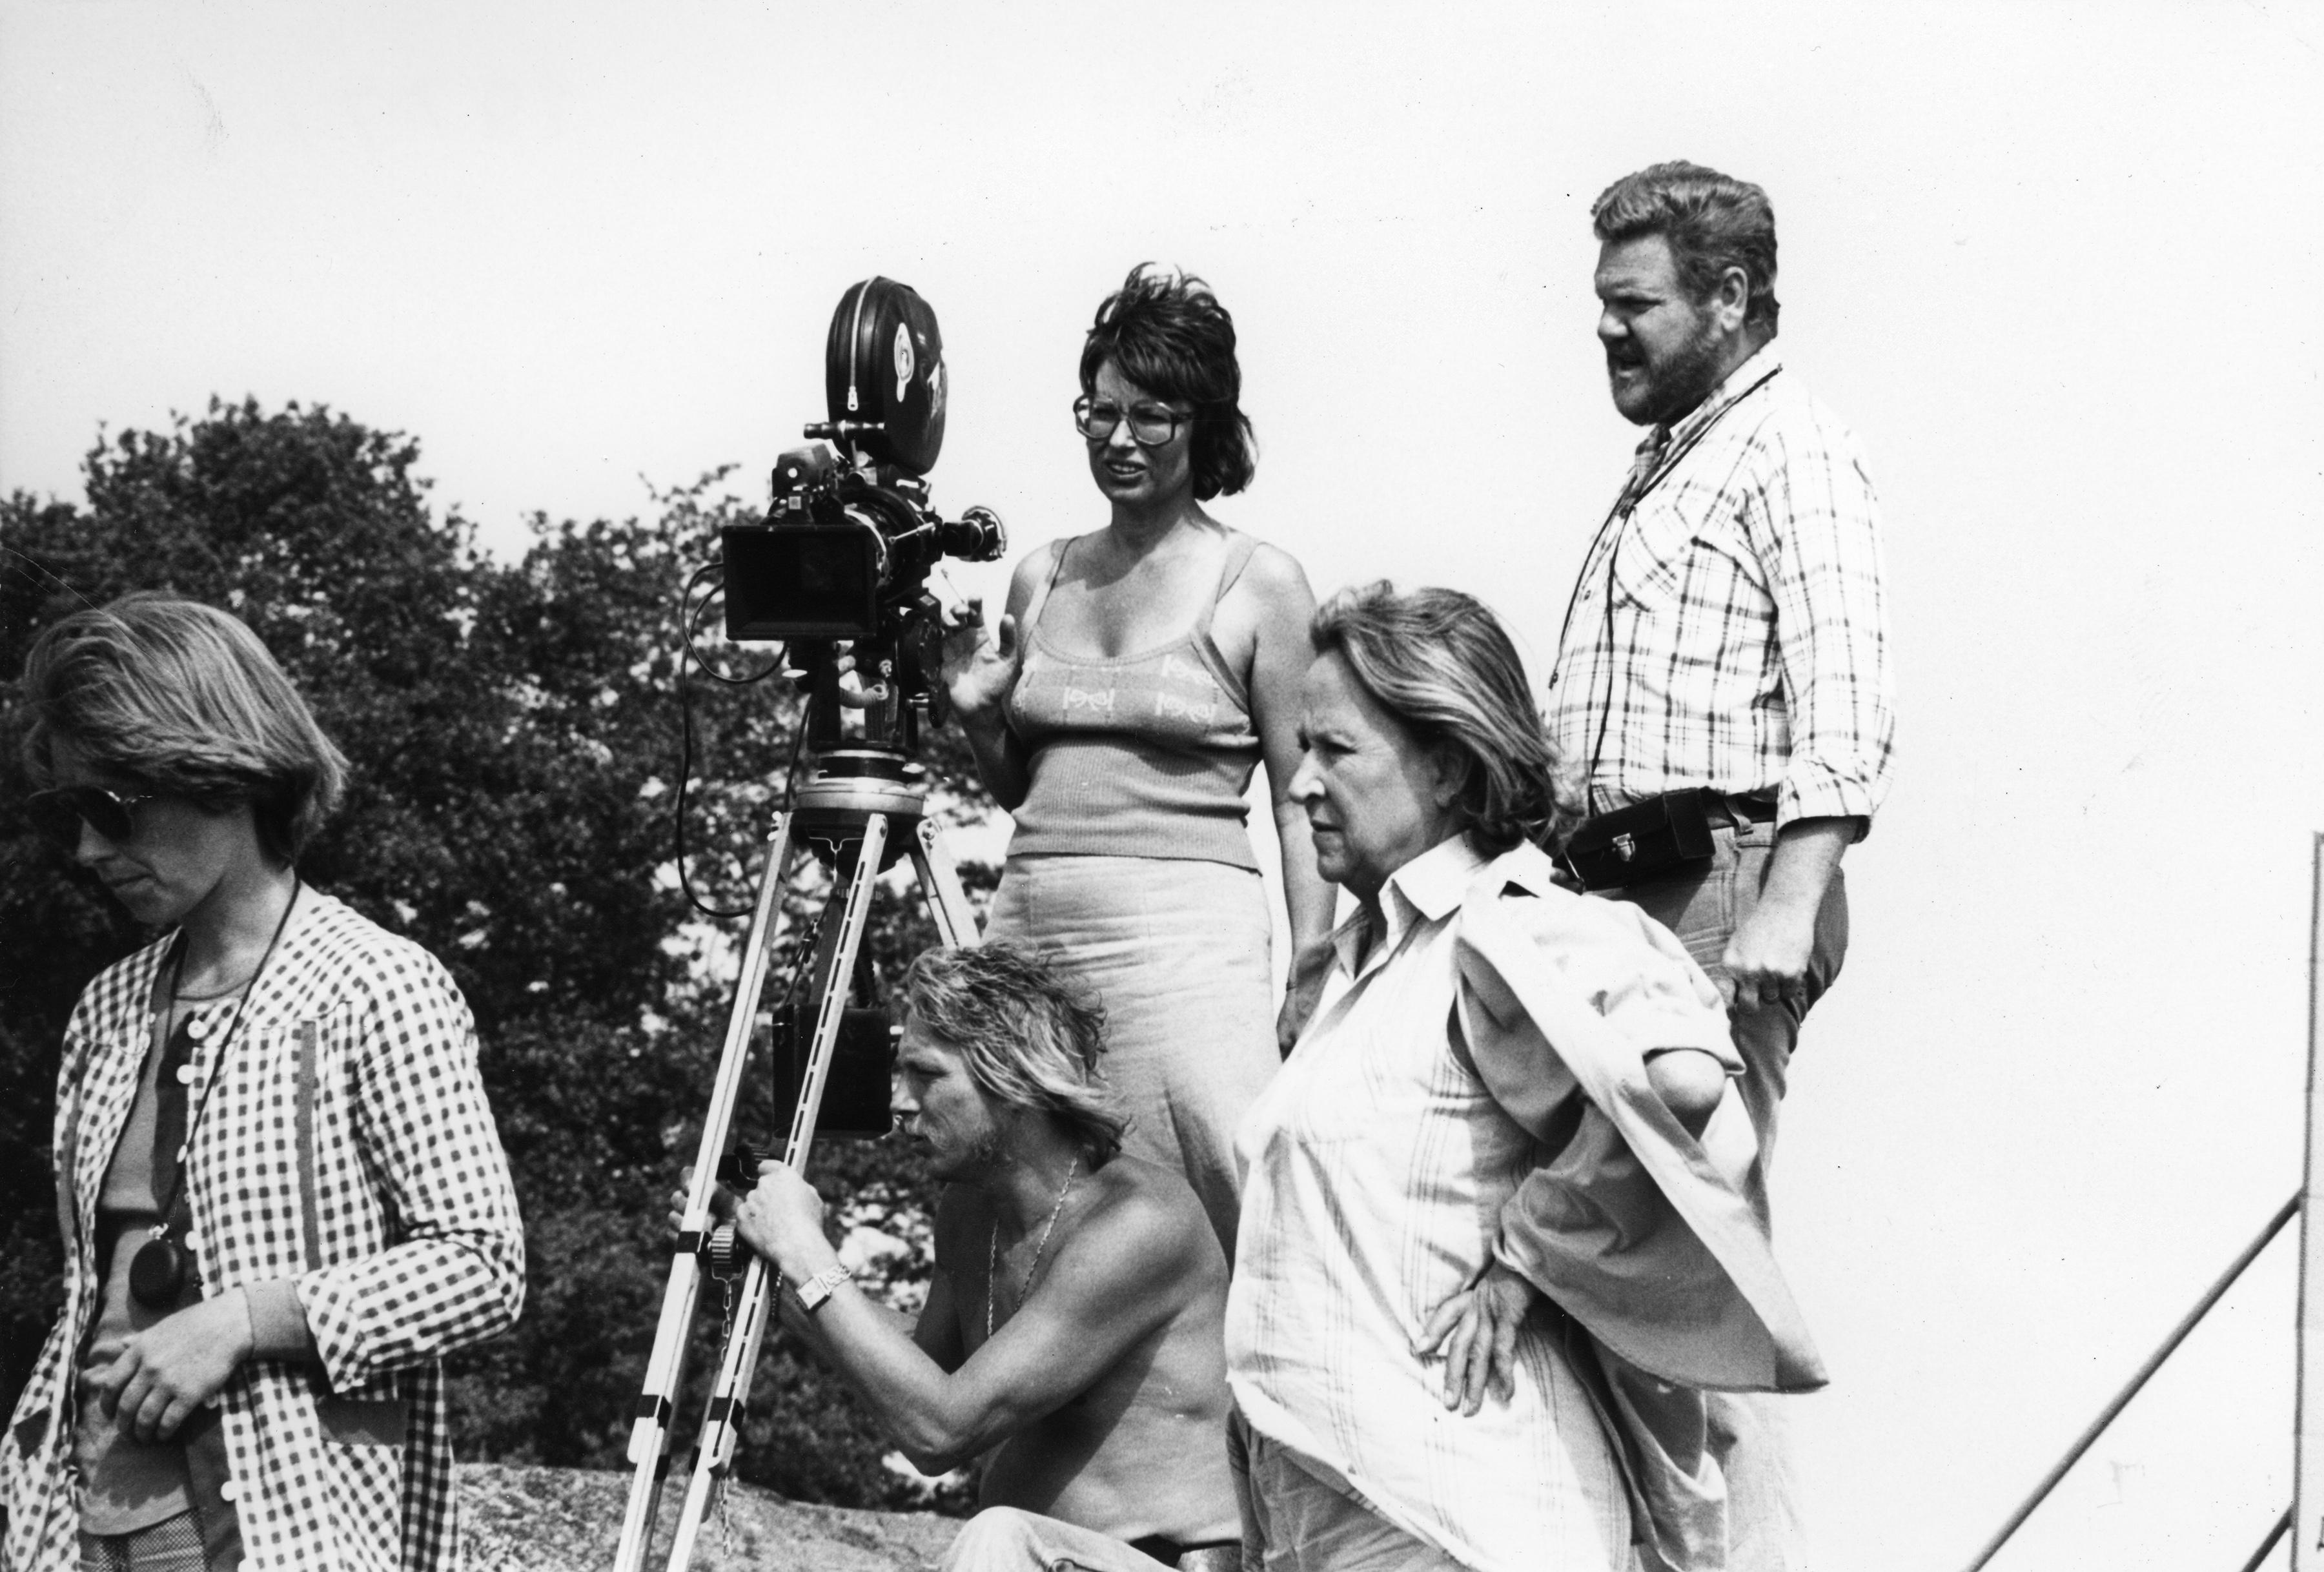 Paradistorgs regissör Gunnel Lindblom tillsammans med delar av filmteamet, bl a skådespelerskan Birgitta Valberg och fotografen Tony Forsberg. Foto: Johan Nykvist